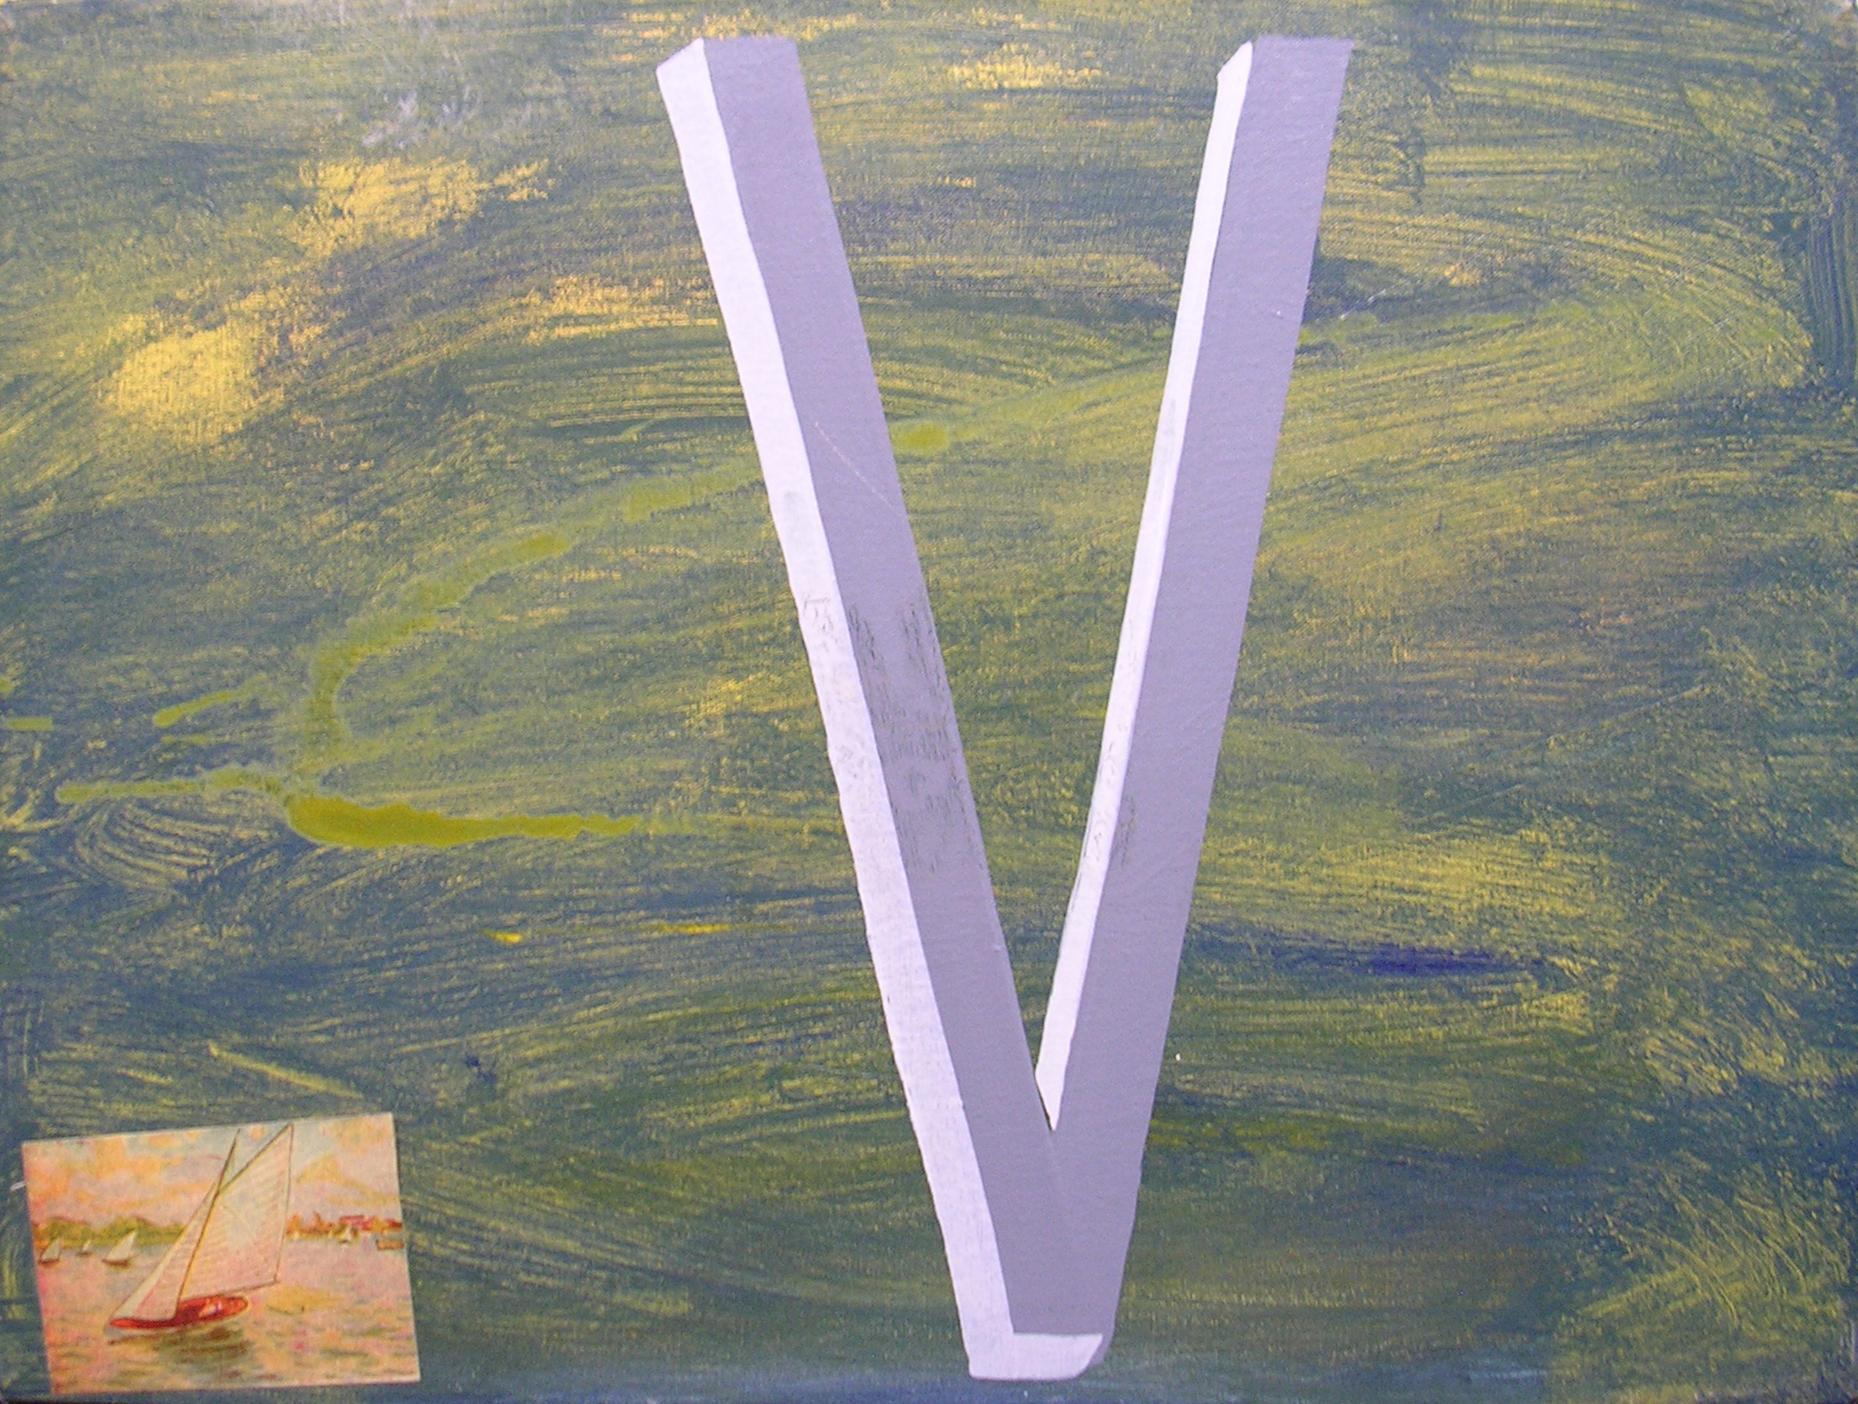 Abecedario V Velero ; objetos ensamblados, tela, papel sobre bastidor, 30 cm x 40 cm, 2007